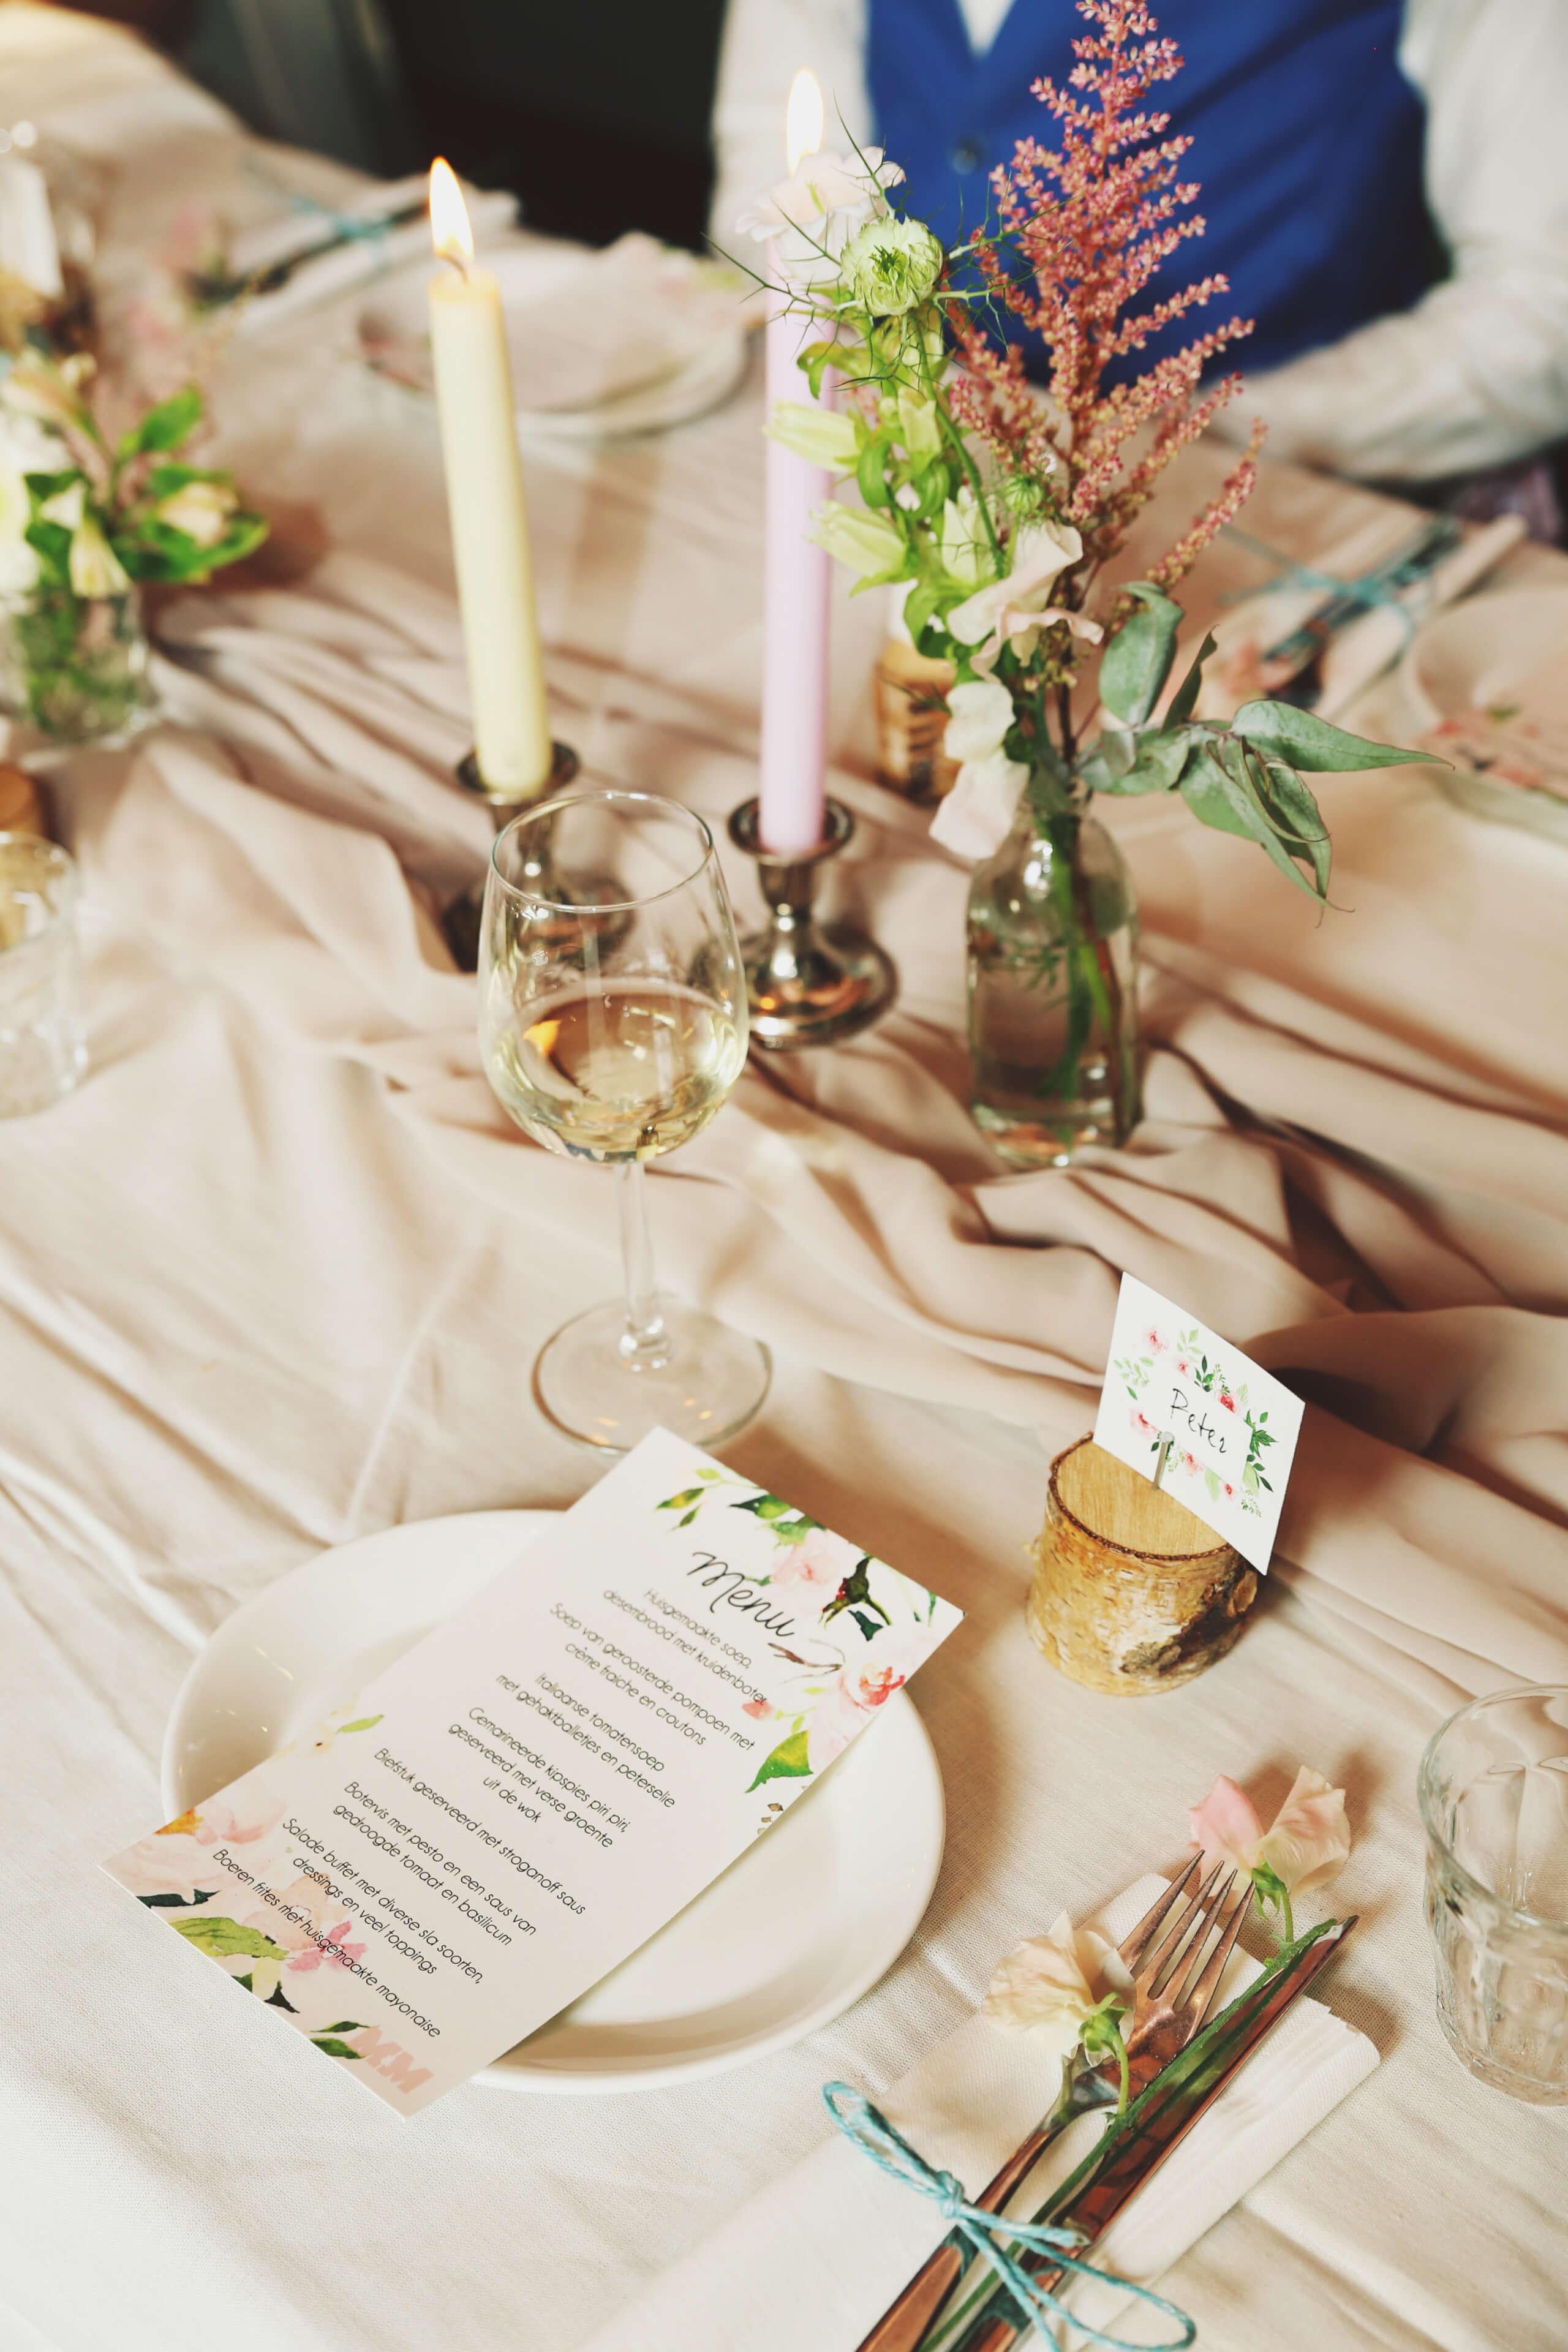 Romantische tafelstyling